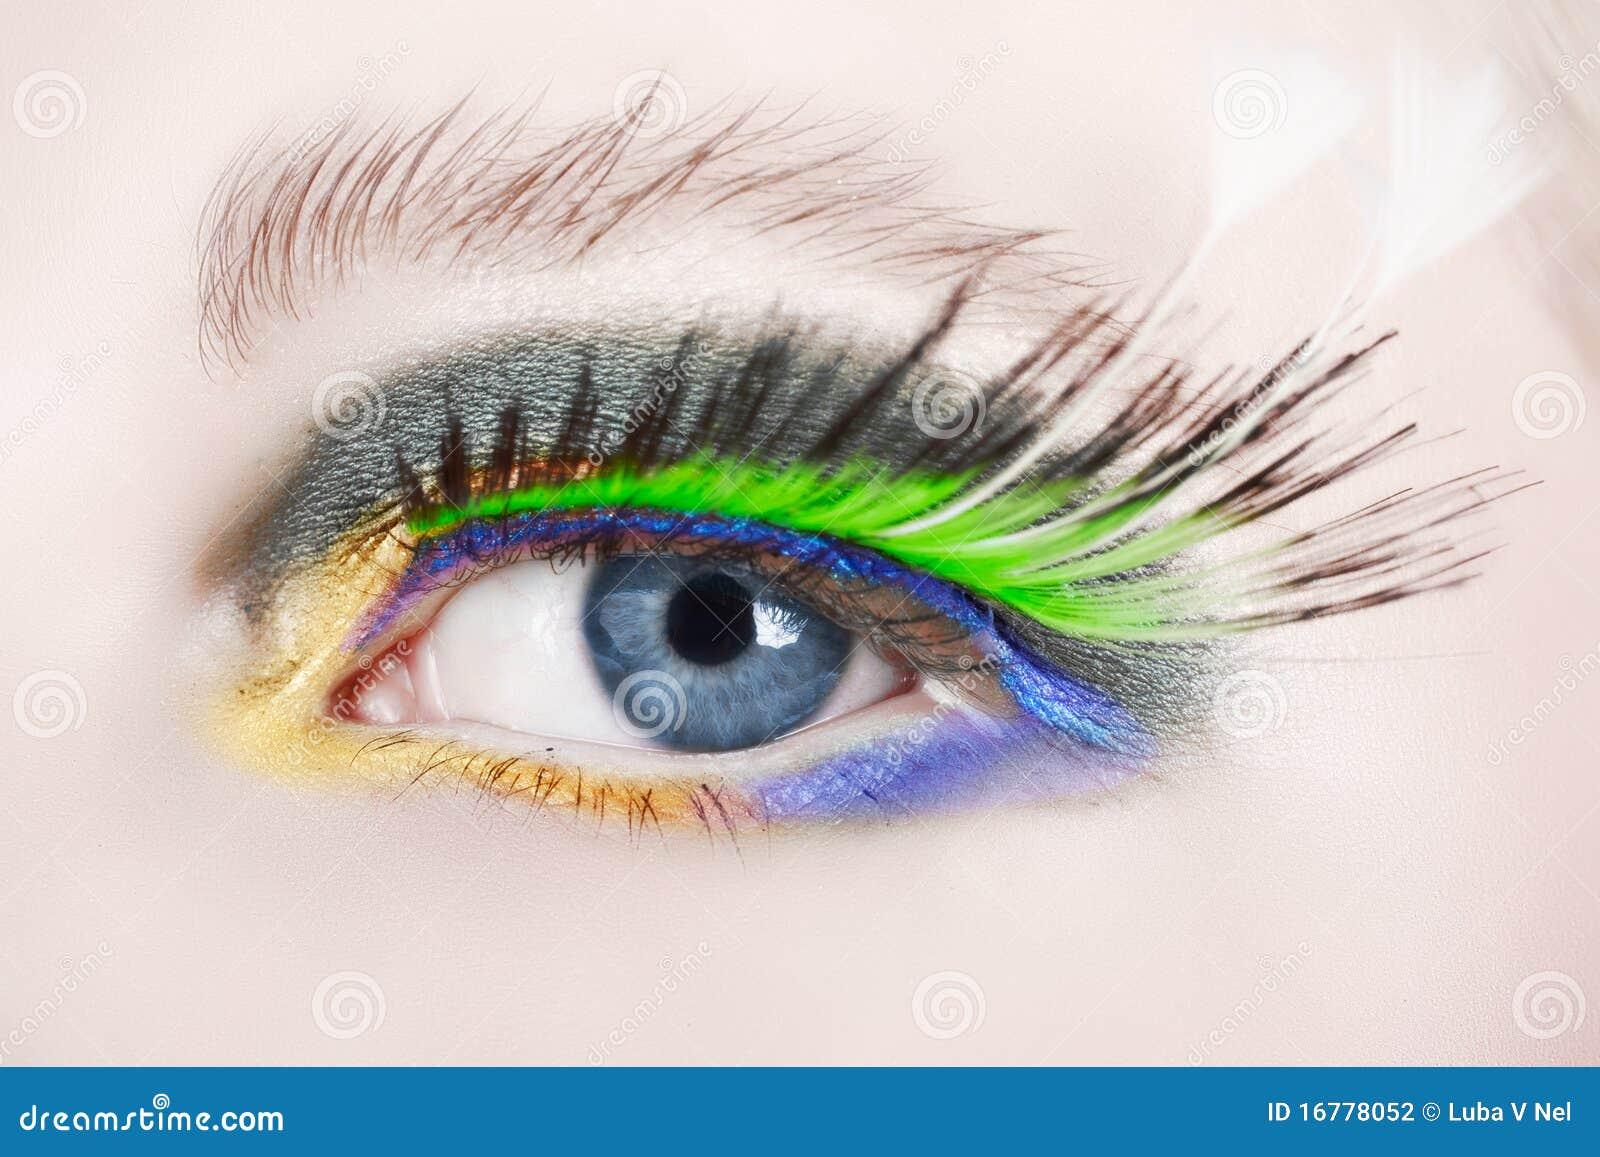 6d36bae7578 Macro Eye With False Lashes Stock Photo - Image of false, grey: 16778052